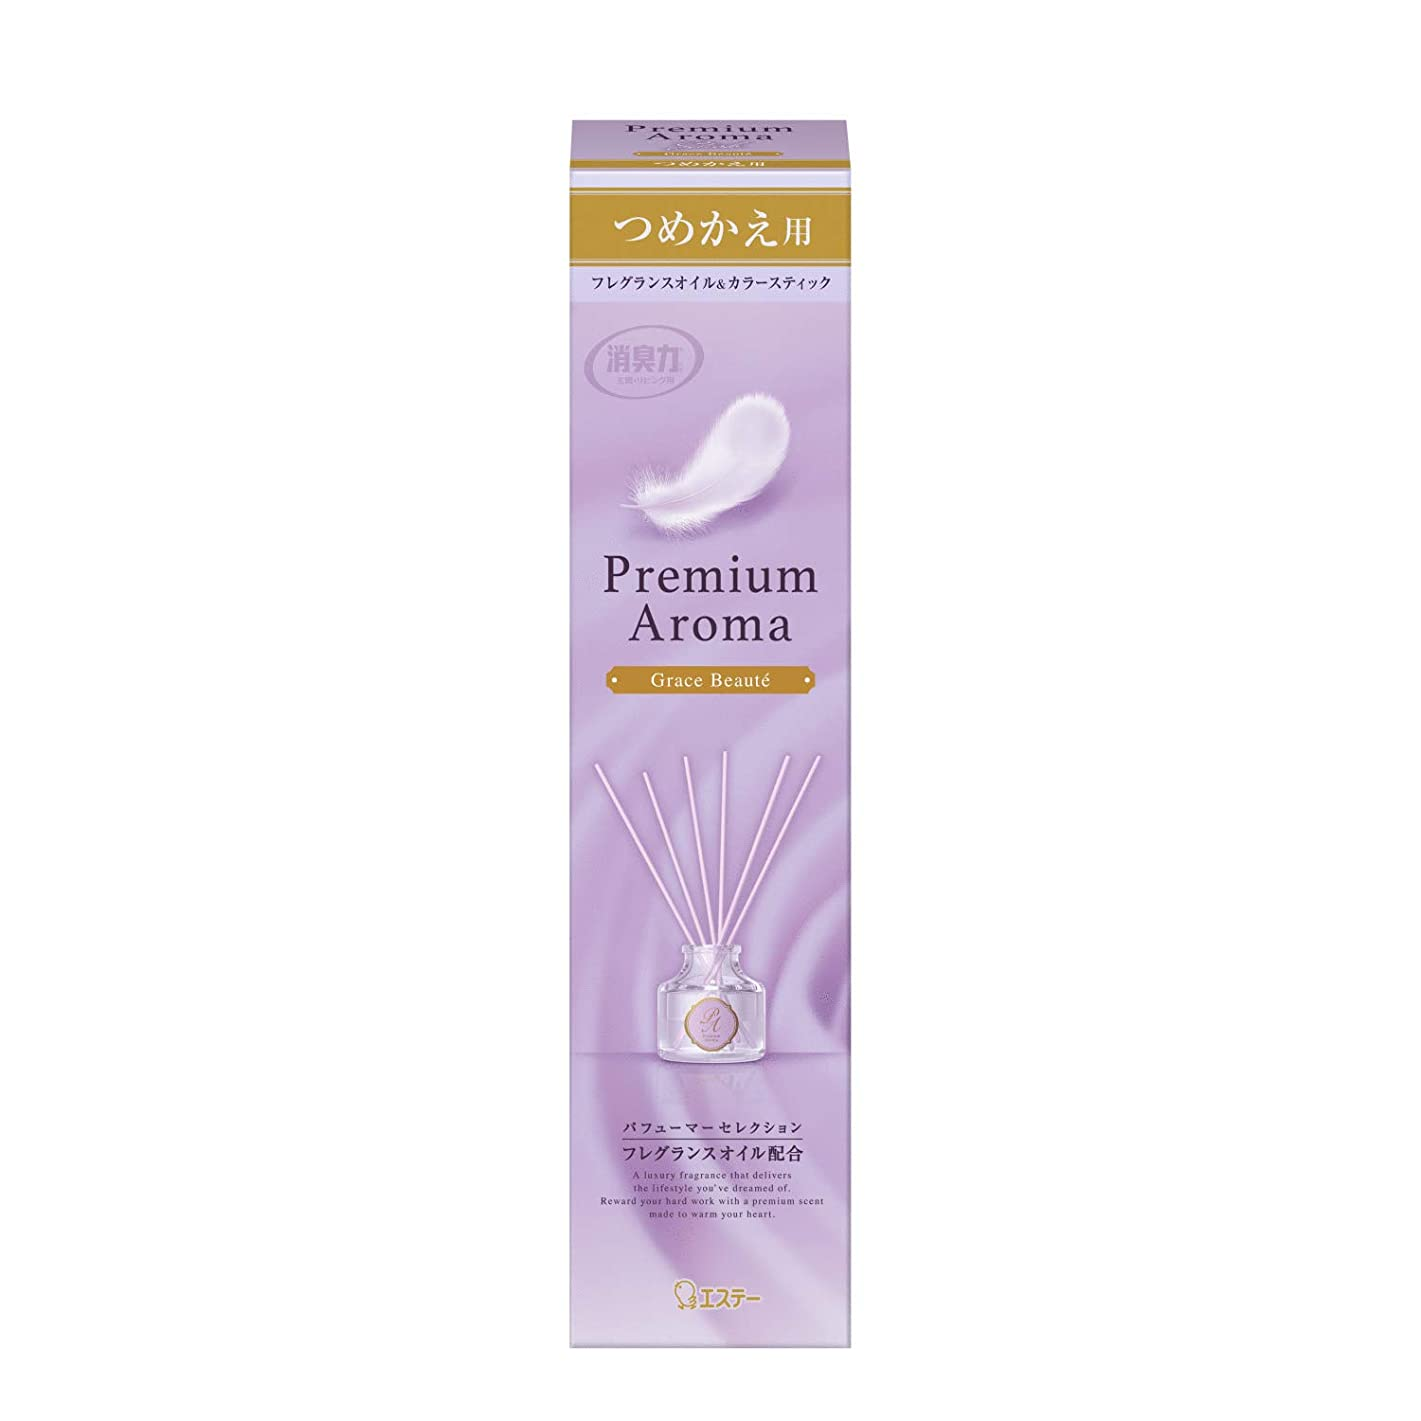 サミットかろうじてアナログお部屋の消臭力 Premium Aroma Stick プレミアムアロマ スティック 消臭芳香剤 ディフューザー 玄関?部屋用 ツメカエ グレイスボーテ 50mL